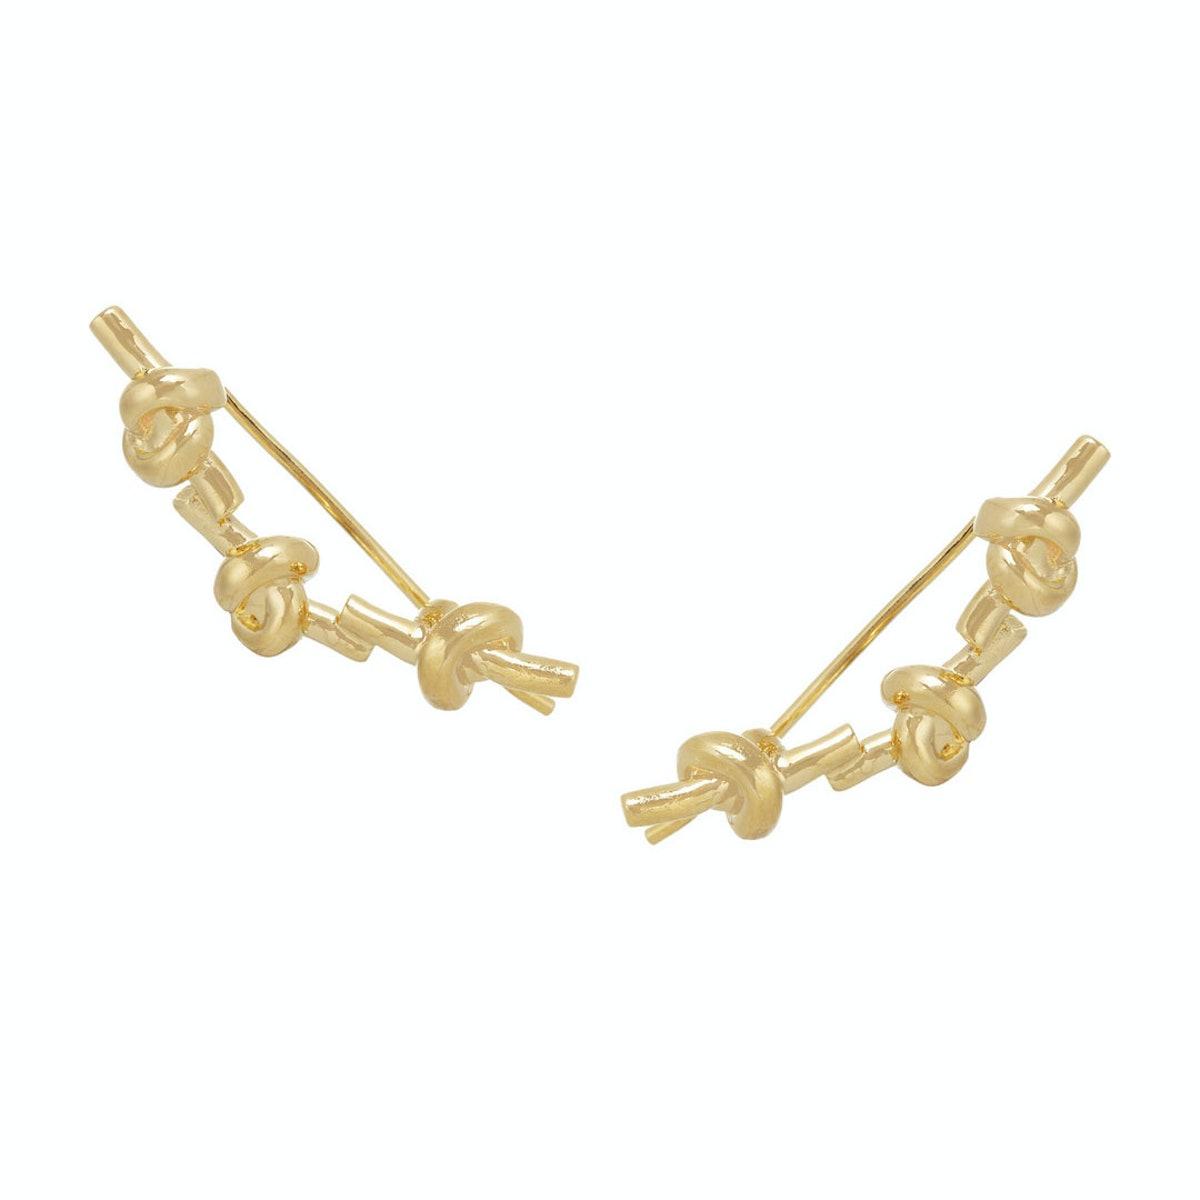 Jennifer Fisher knot earrings